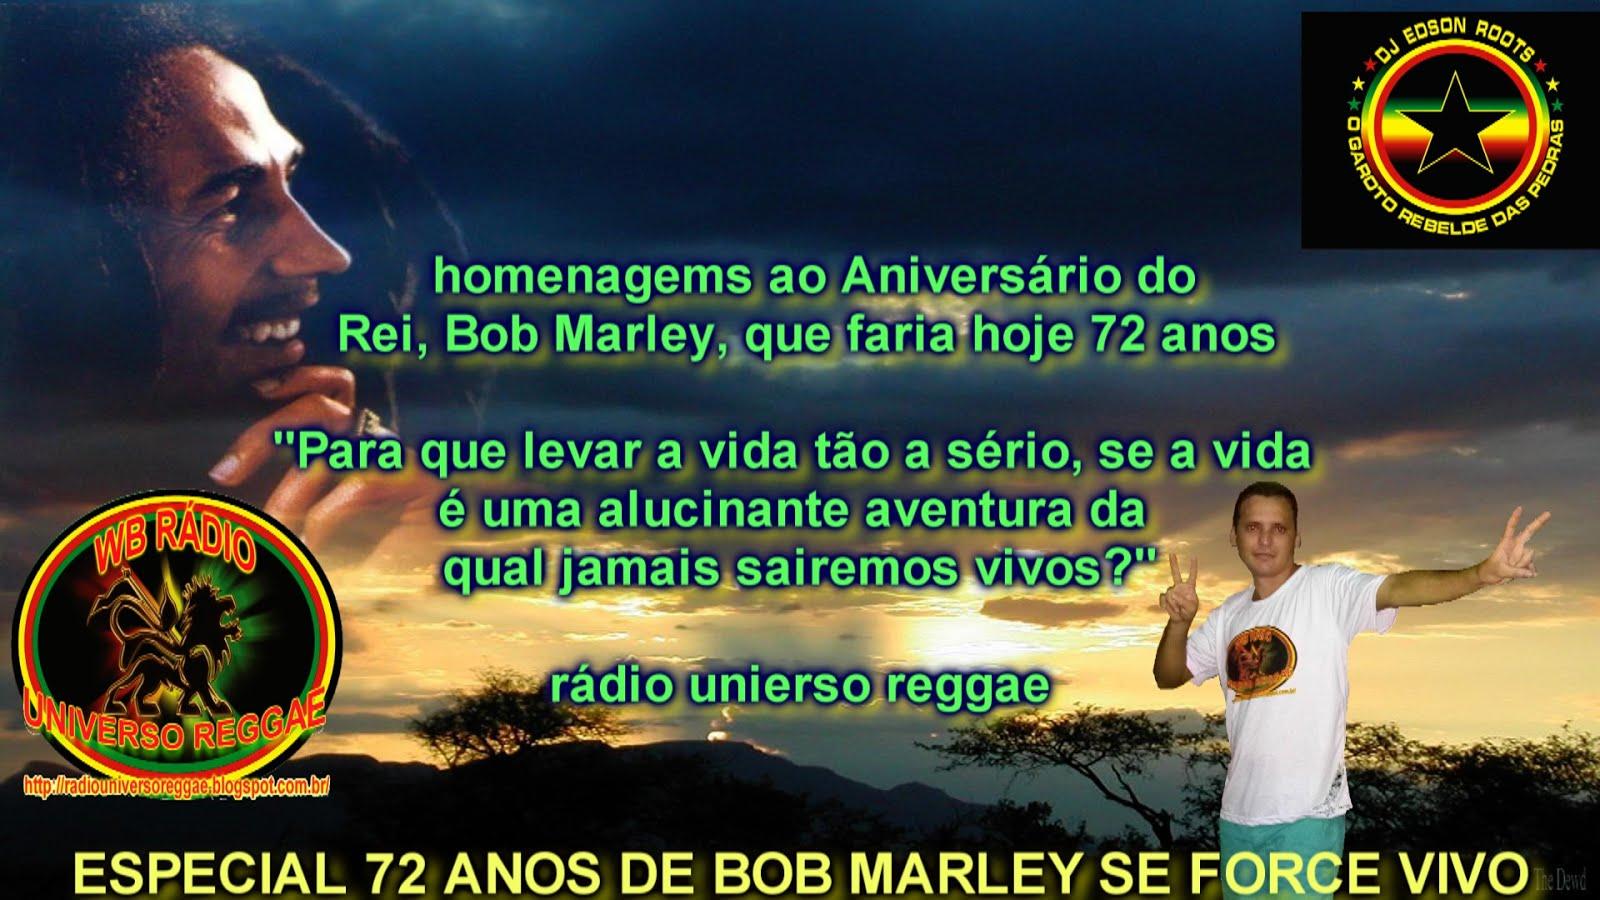 Homenagems do DJ EDSON ROOTS  ao Aniversário do Rei, Bob Marley,